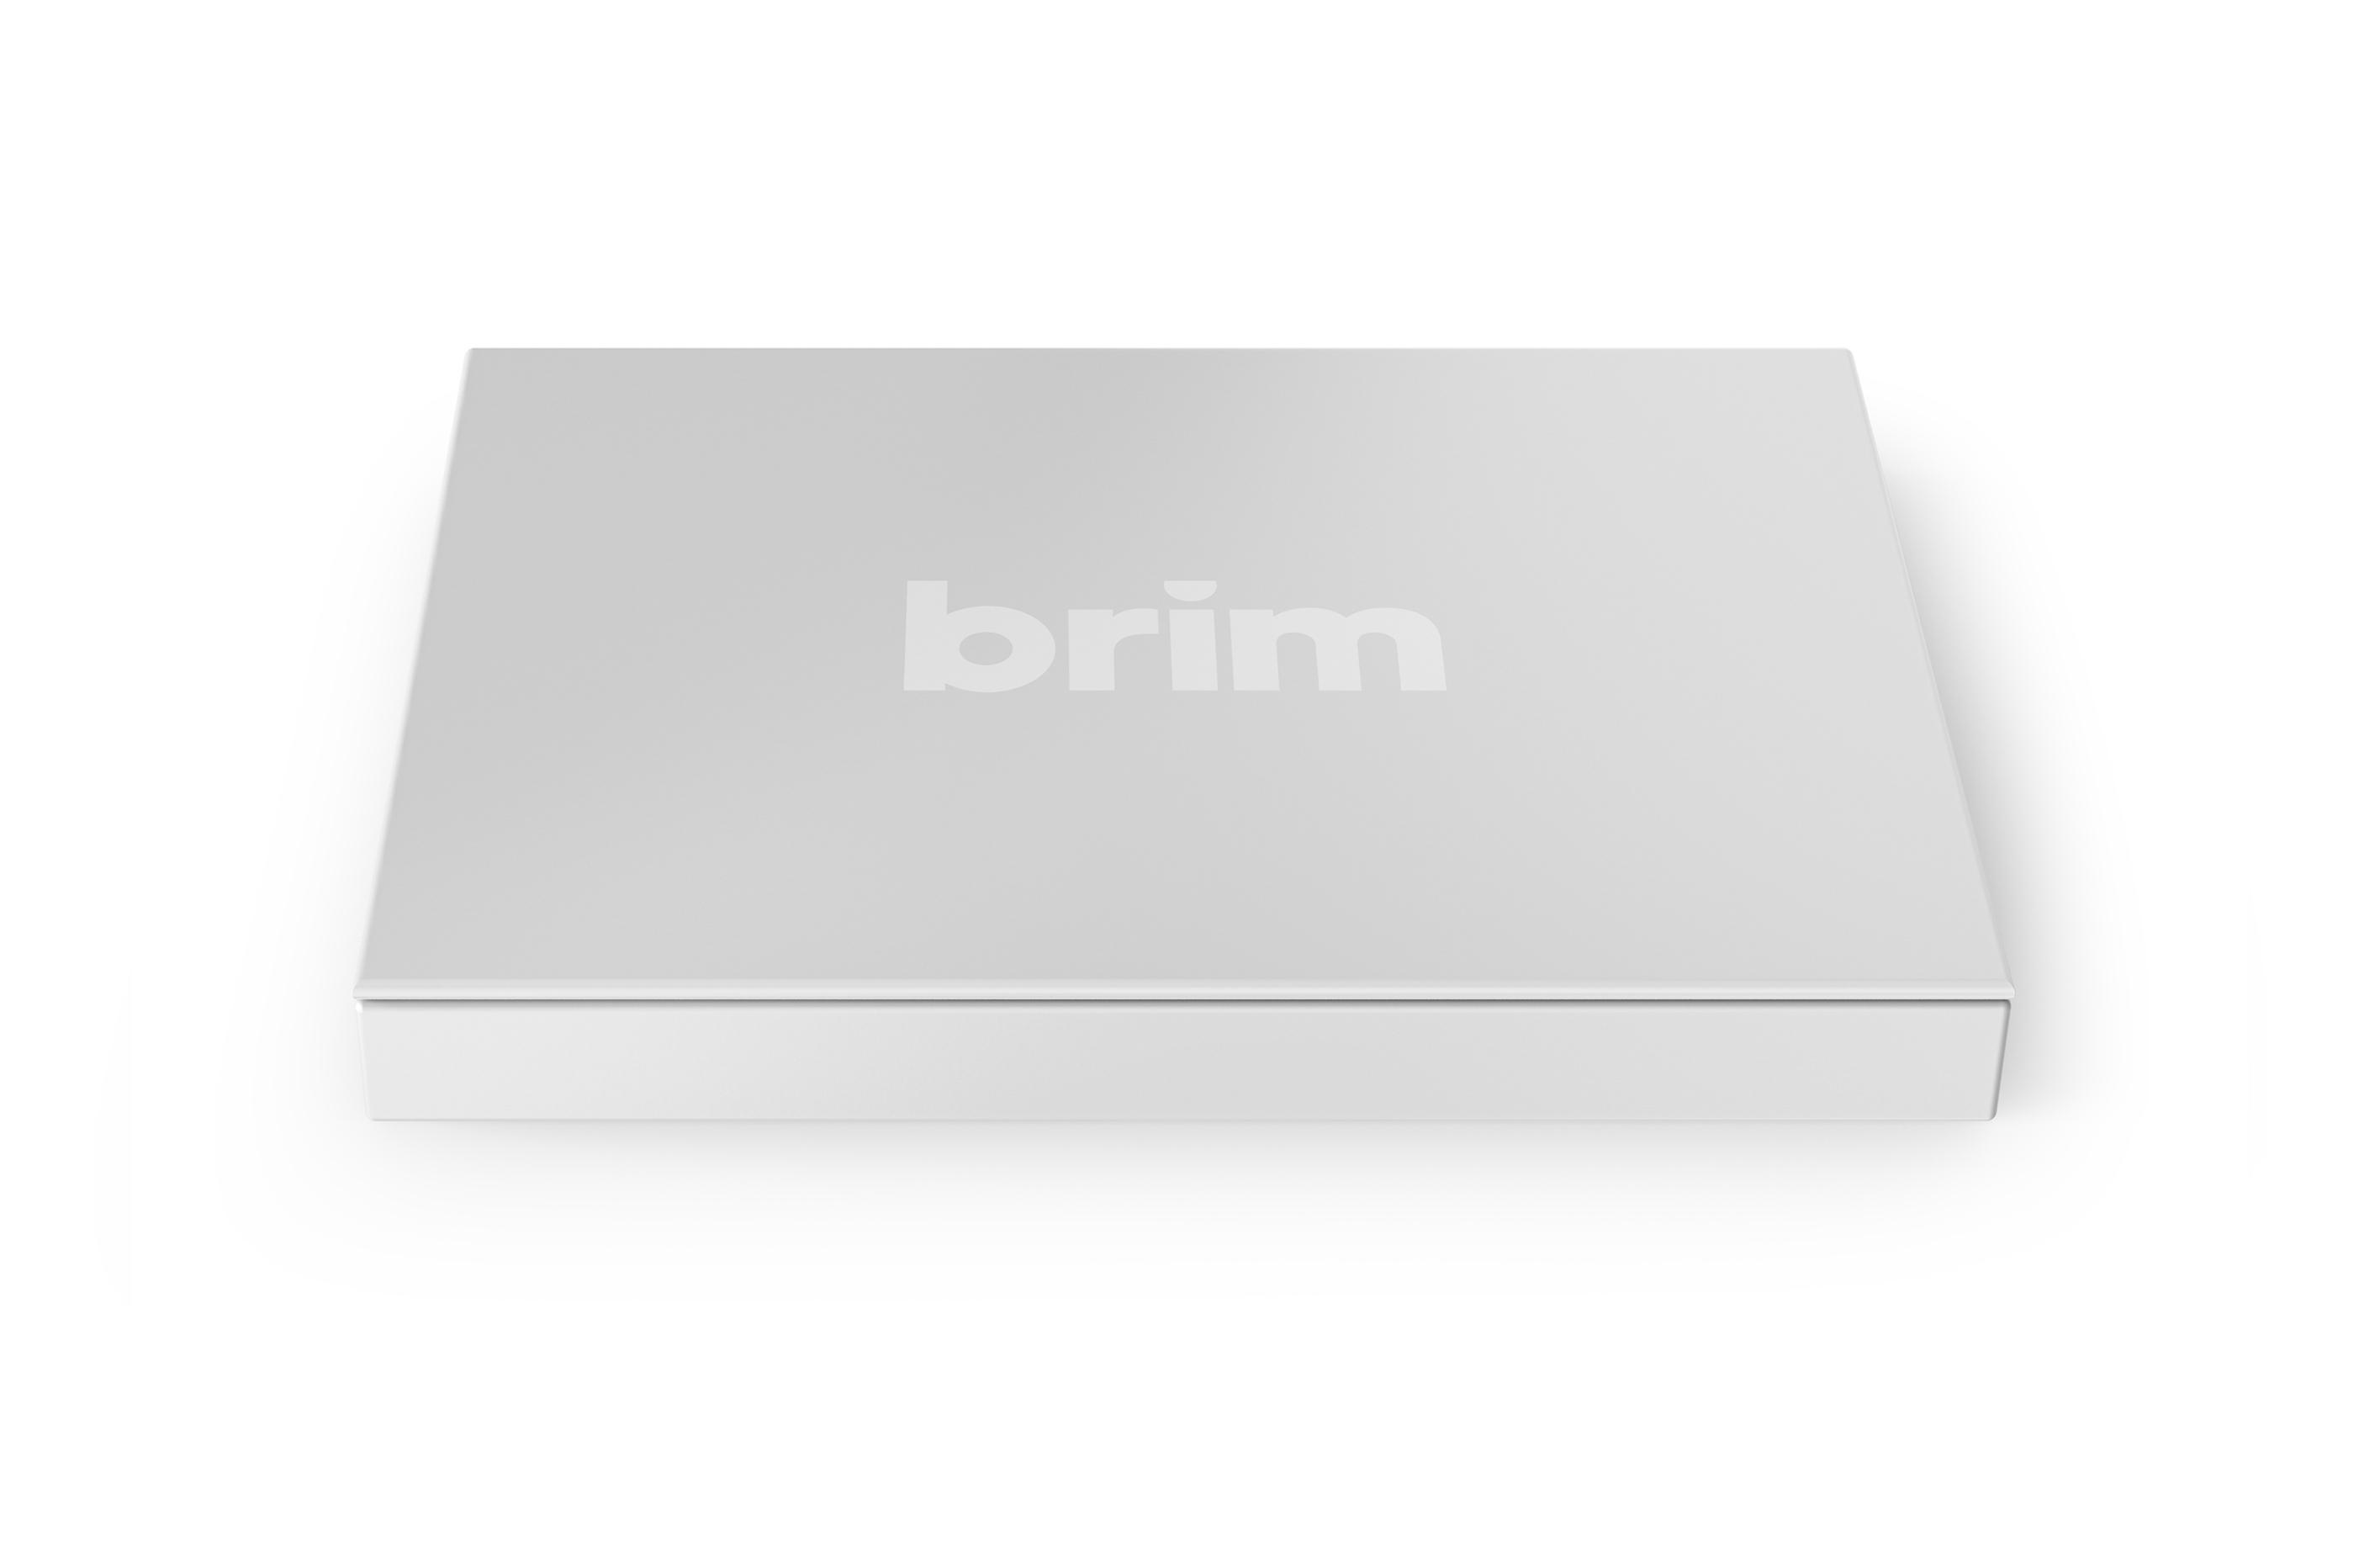 Brim Packaging